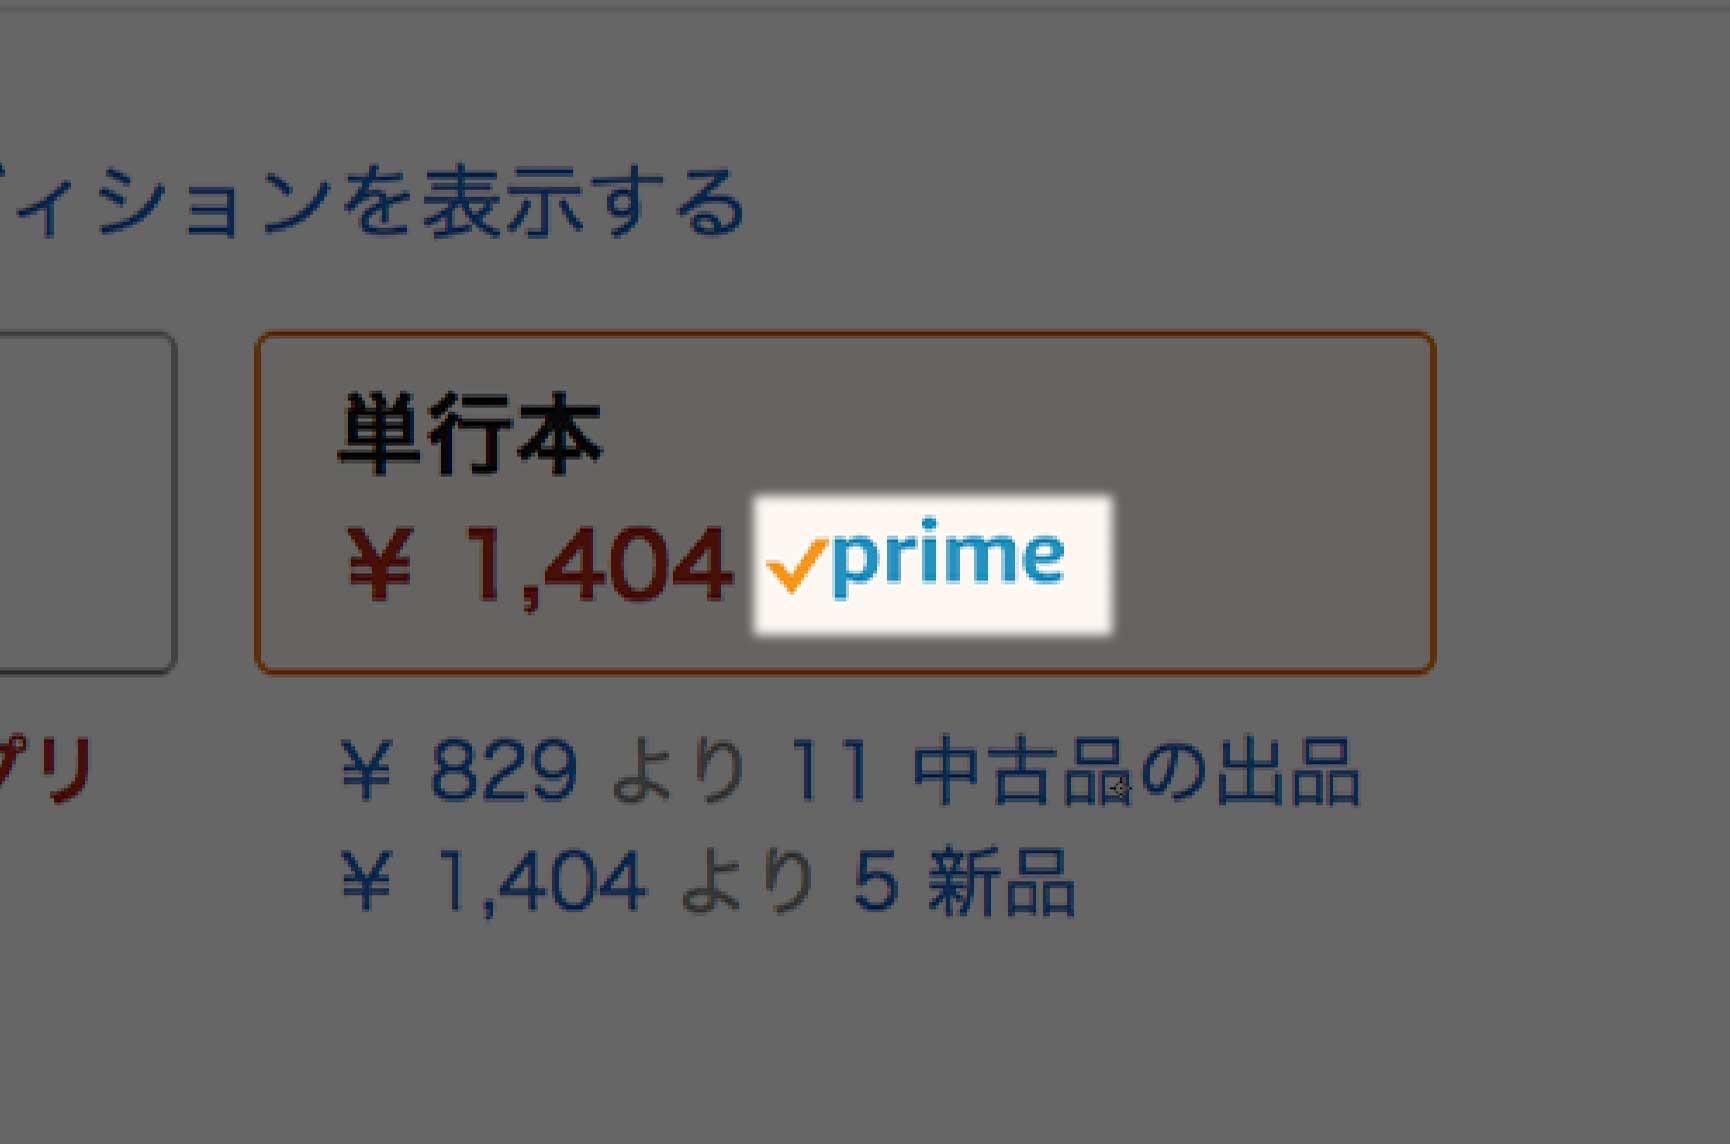 対象は「prime」マークのある商品だけ